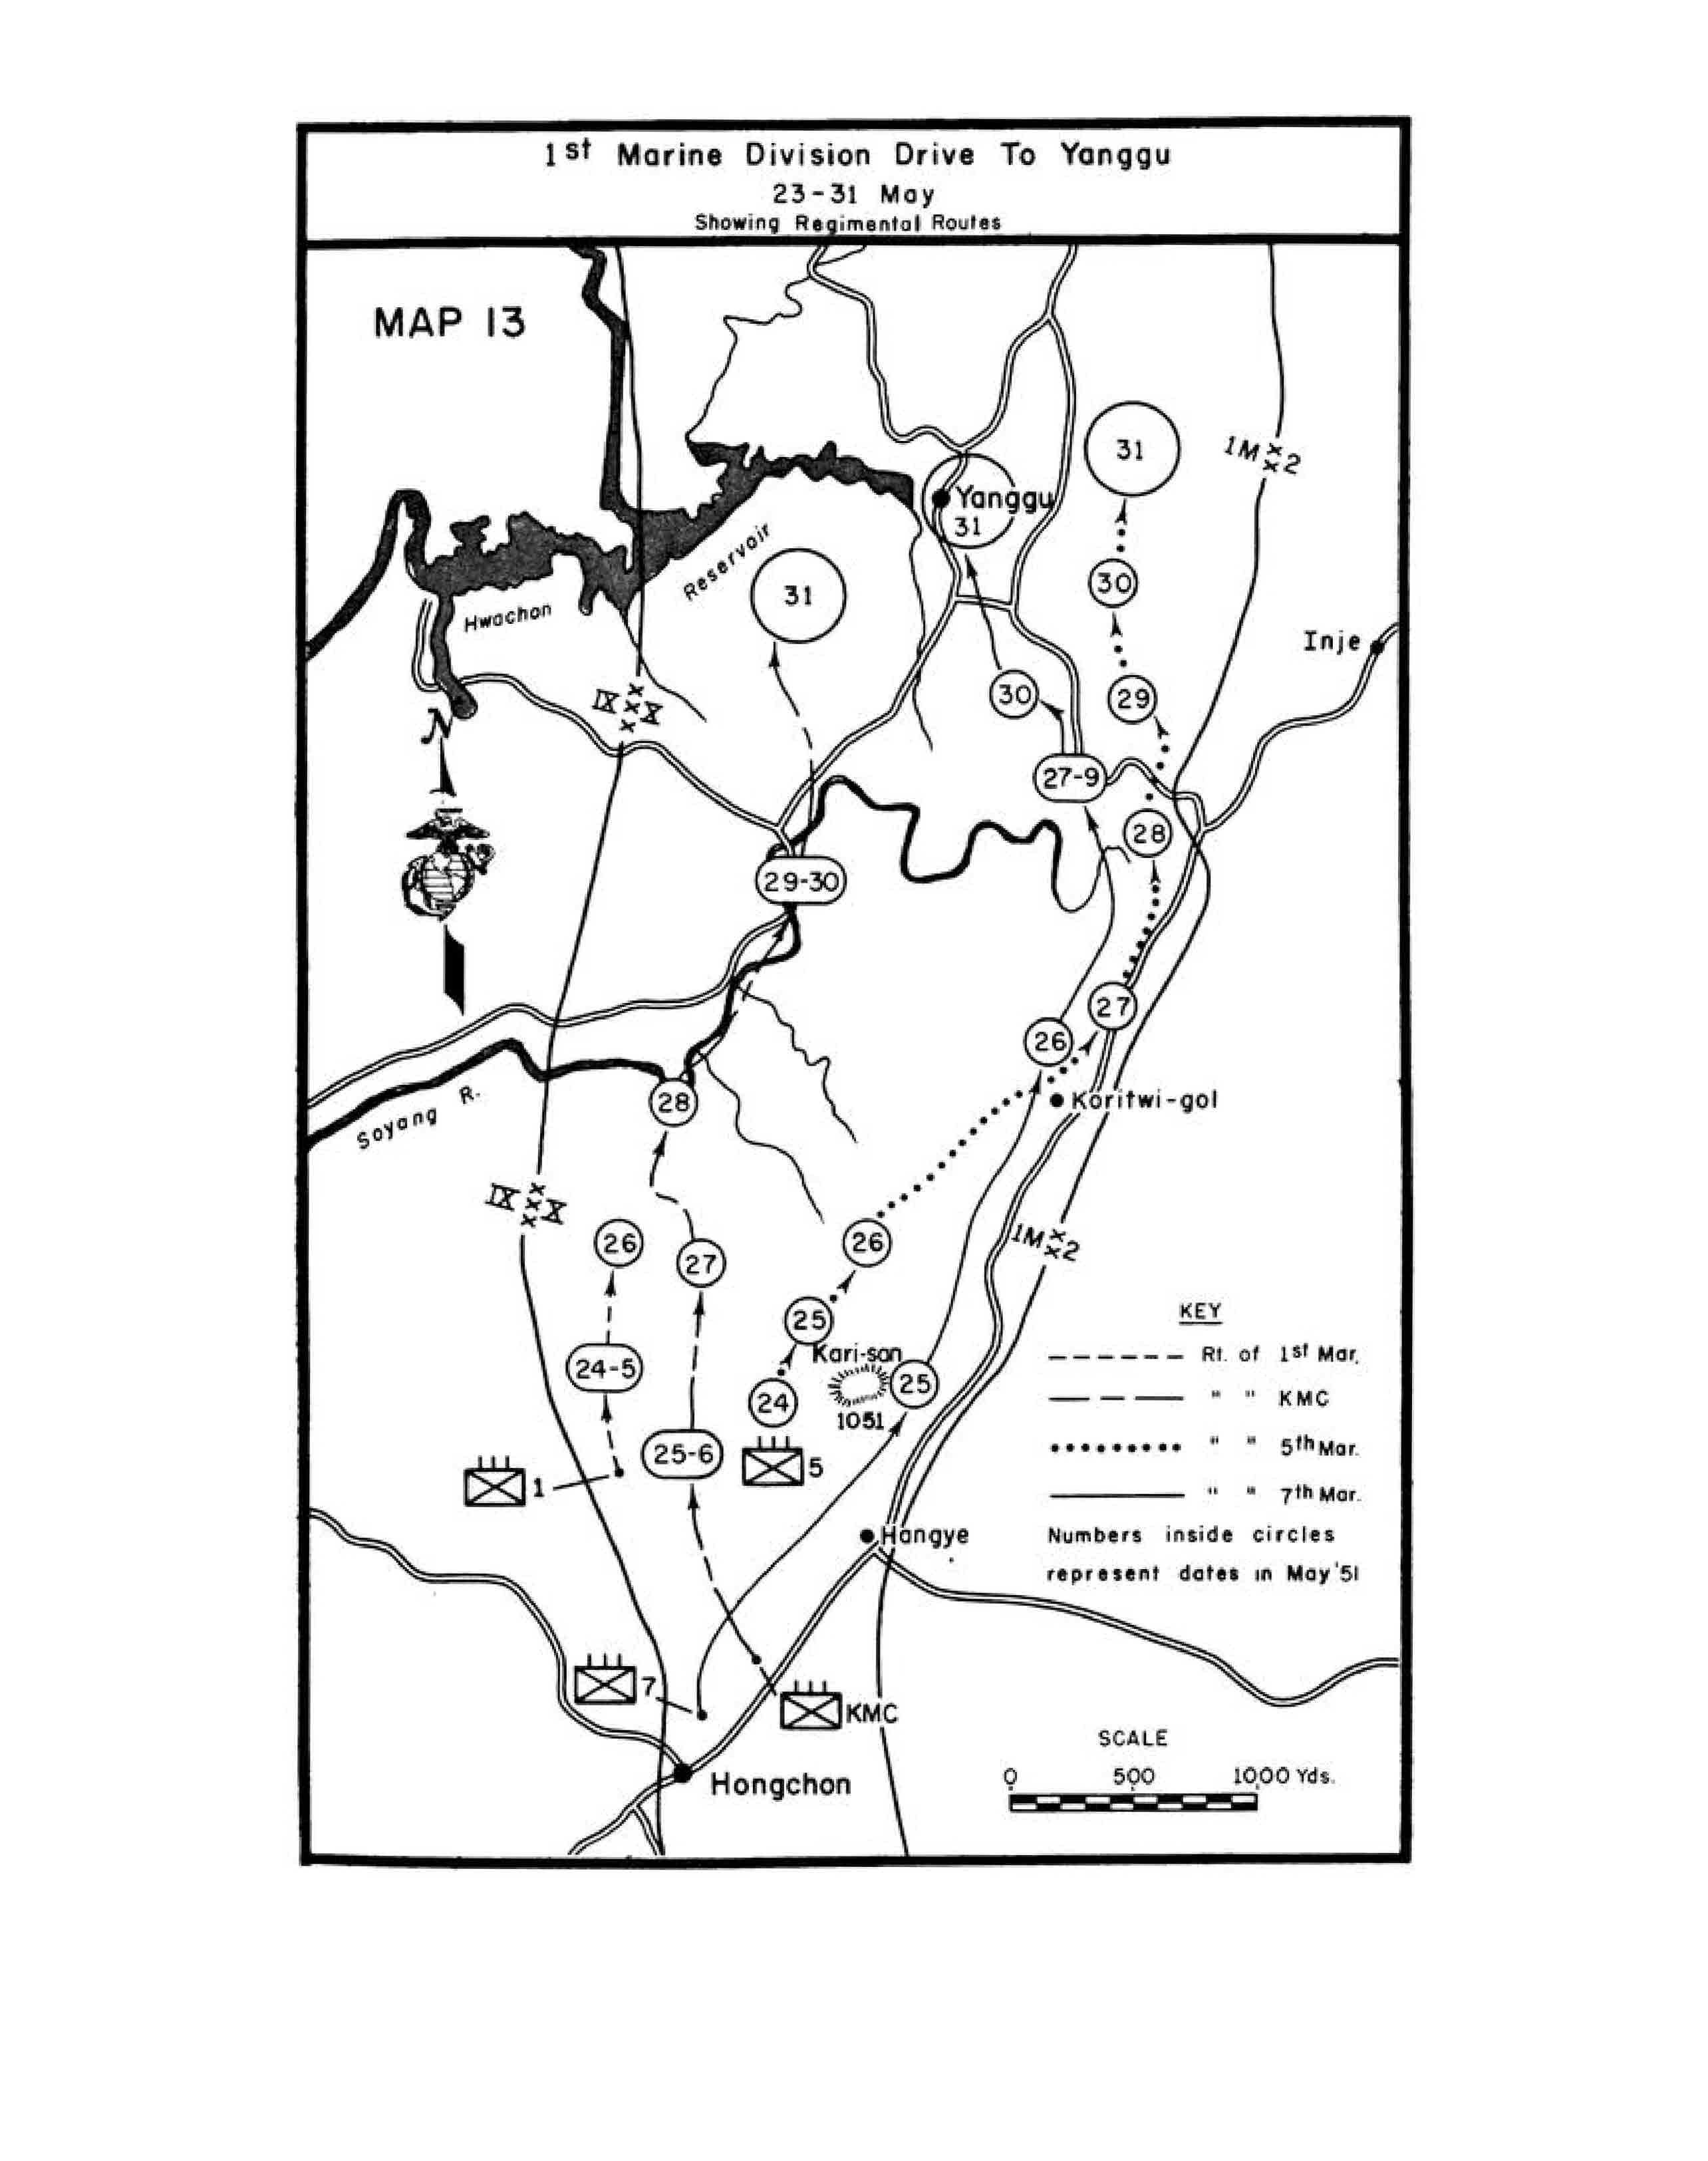 MAP ST MARINE DIVISION DRIVE TO YANGGU MAY - Us 31 project map